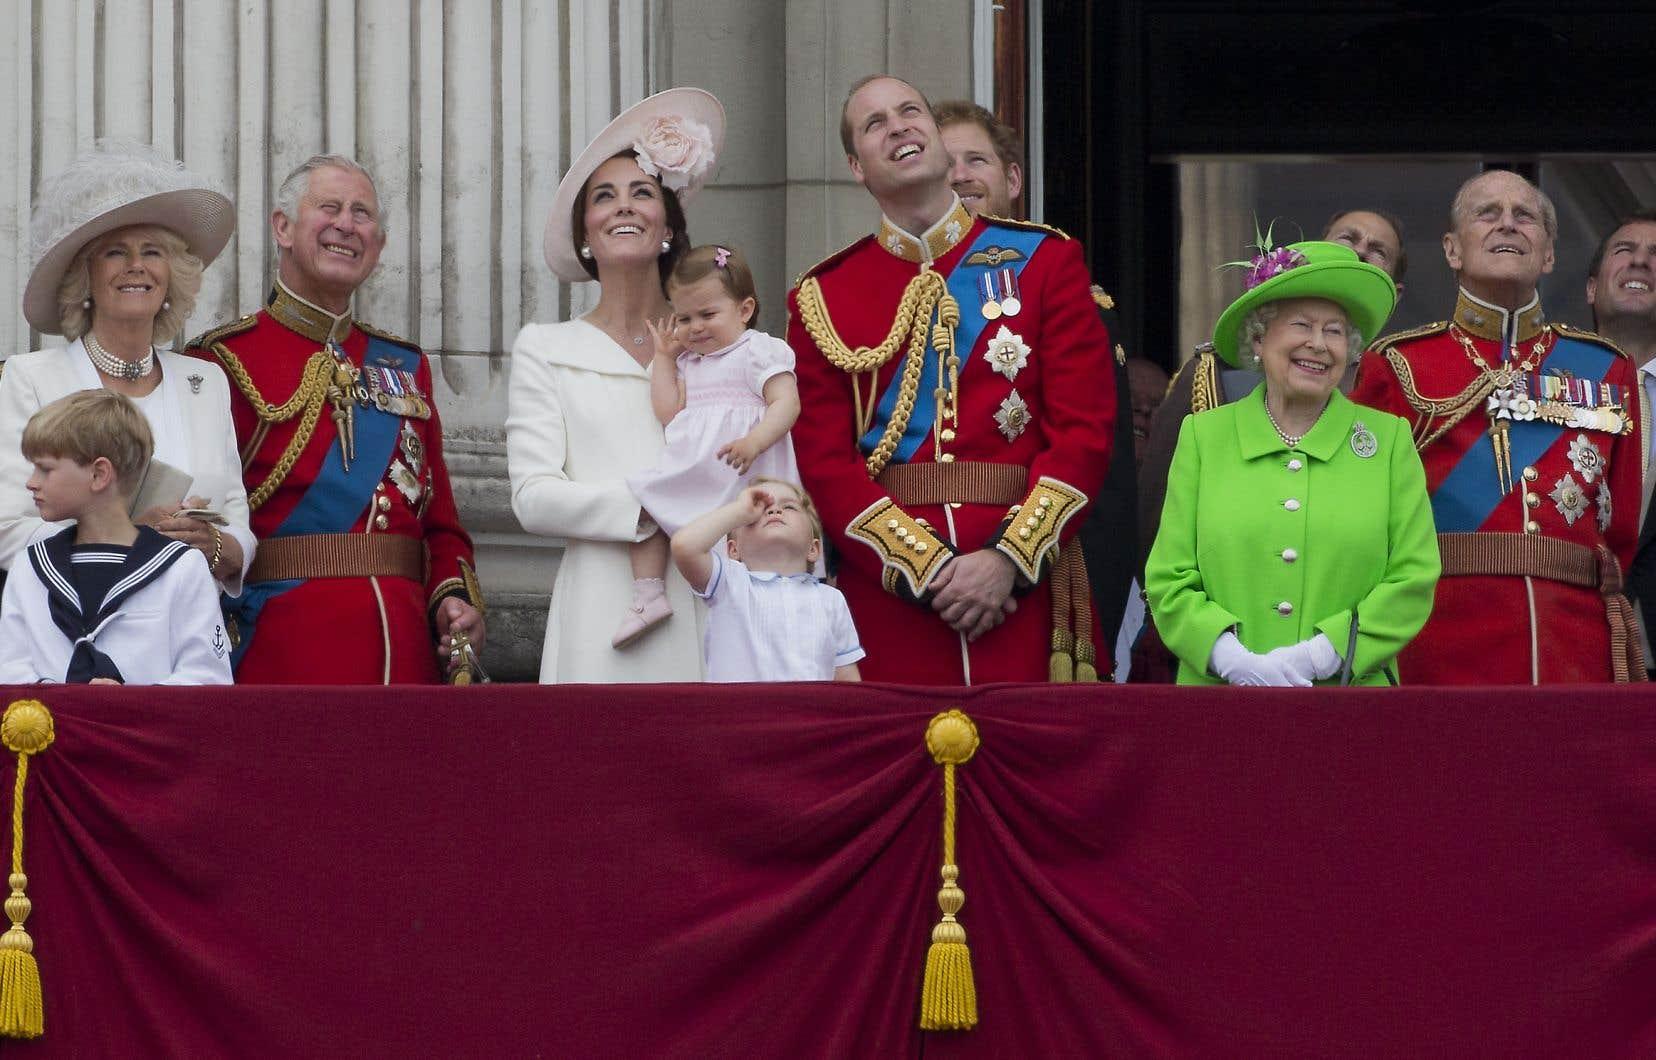 Selon laCour d'appel, le Canada a respecté la constitution en modifiant les règles de désignation du chef de l'État ― le Roi ou la Reine ― par le biais d'une loi ordinaire en 2013.